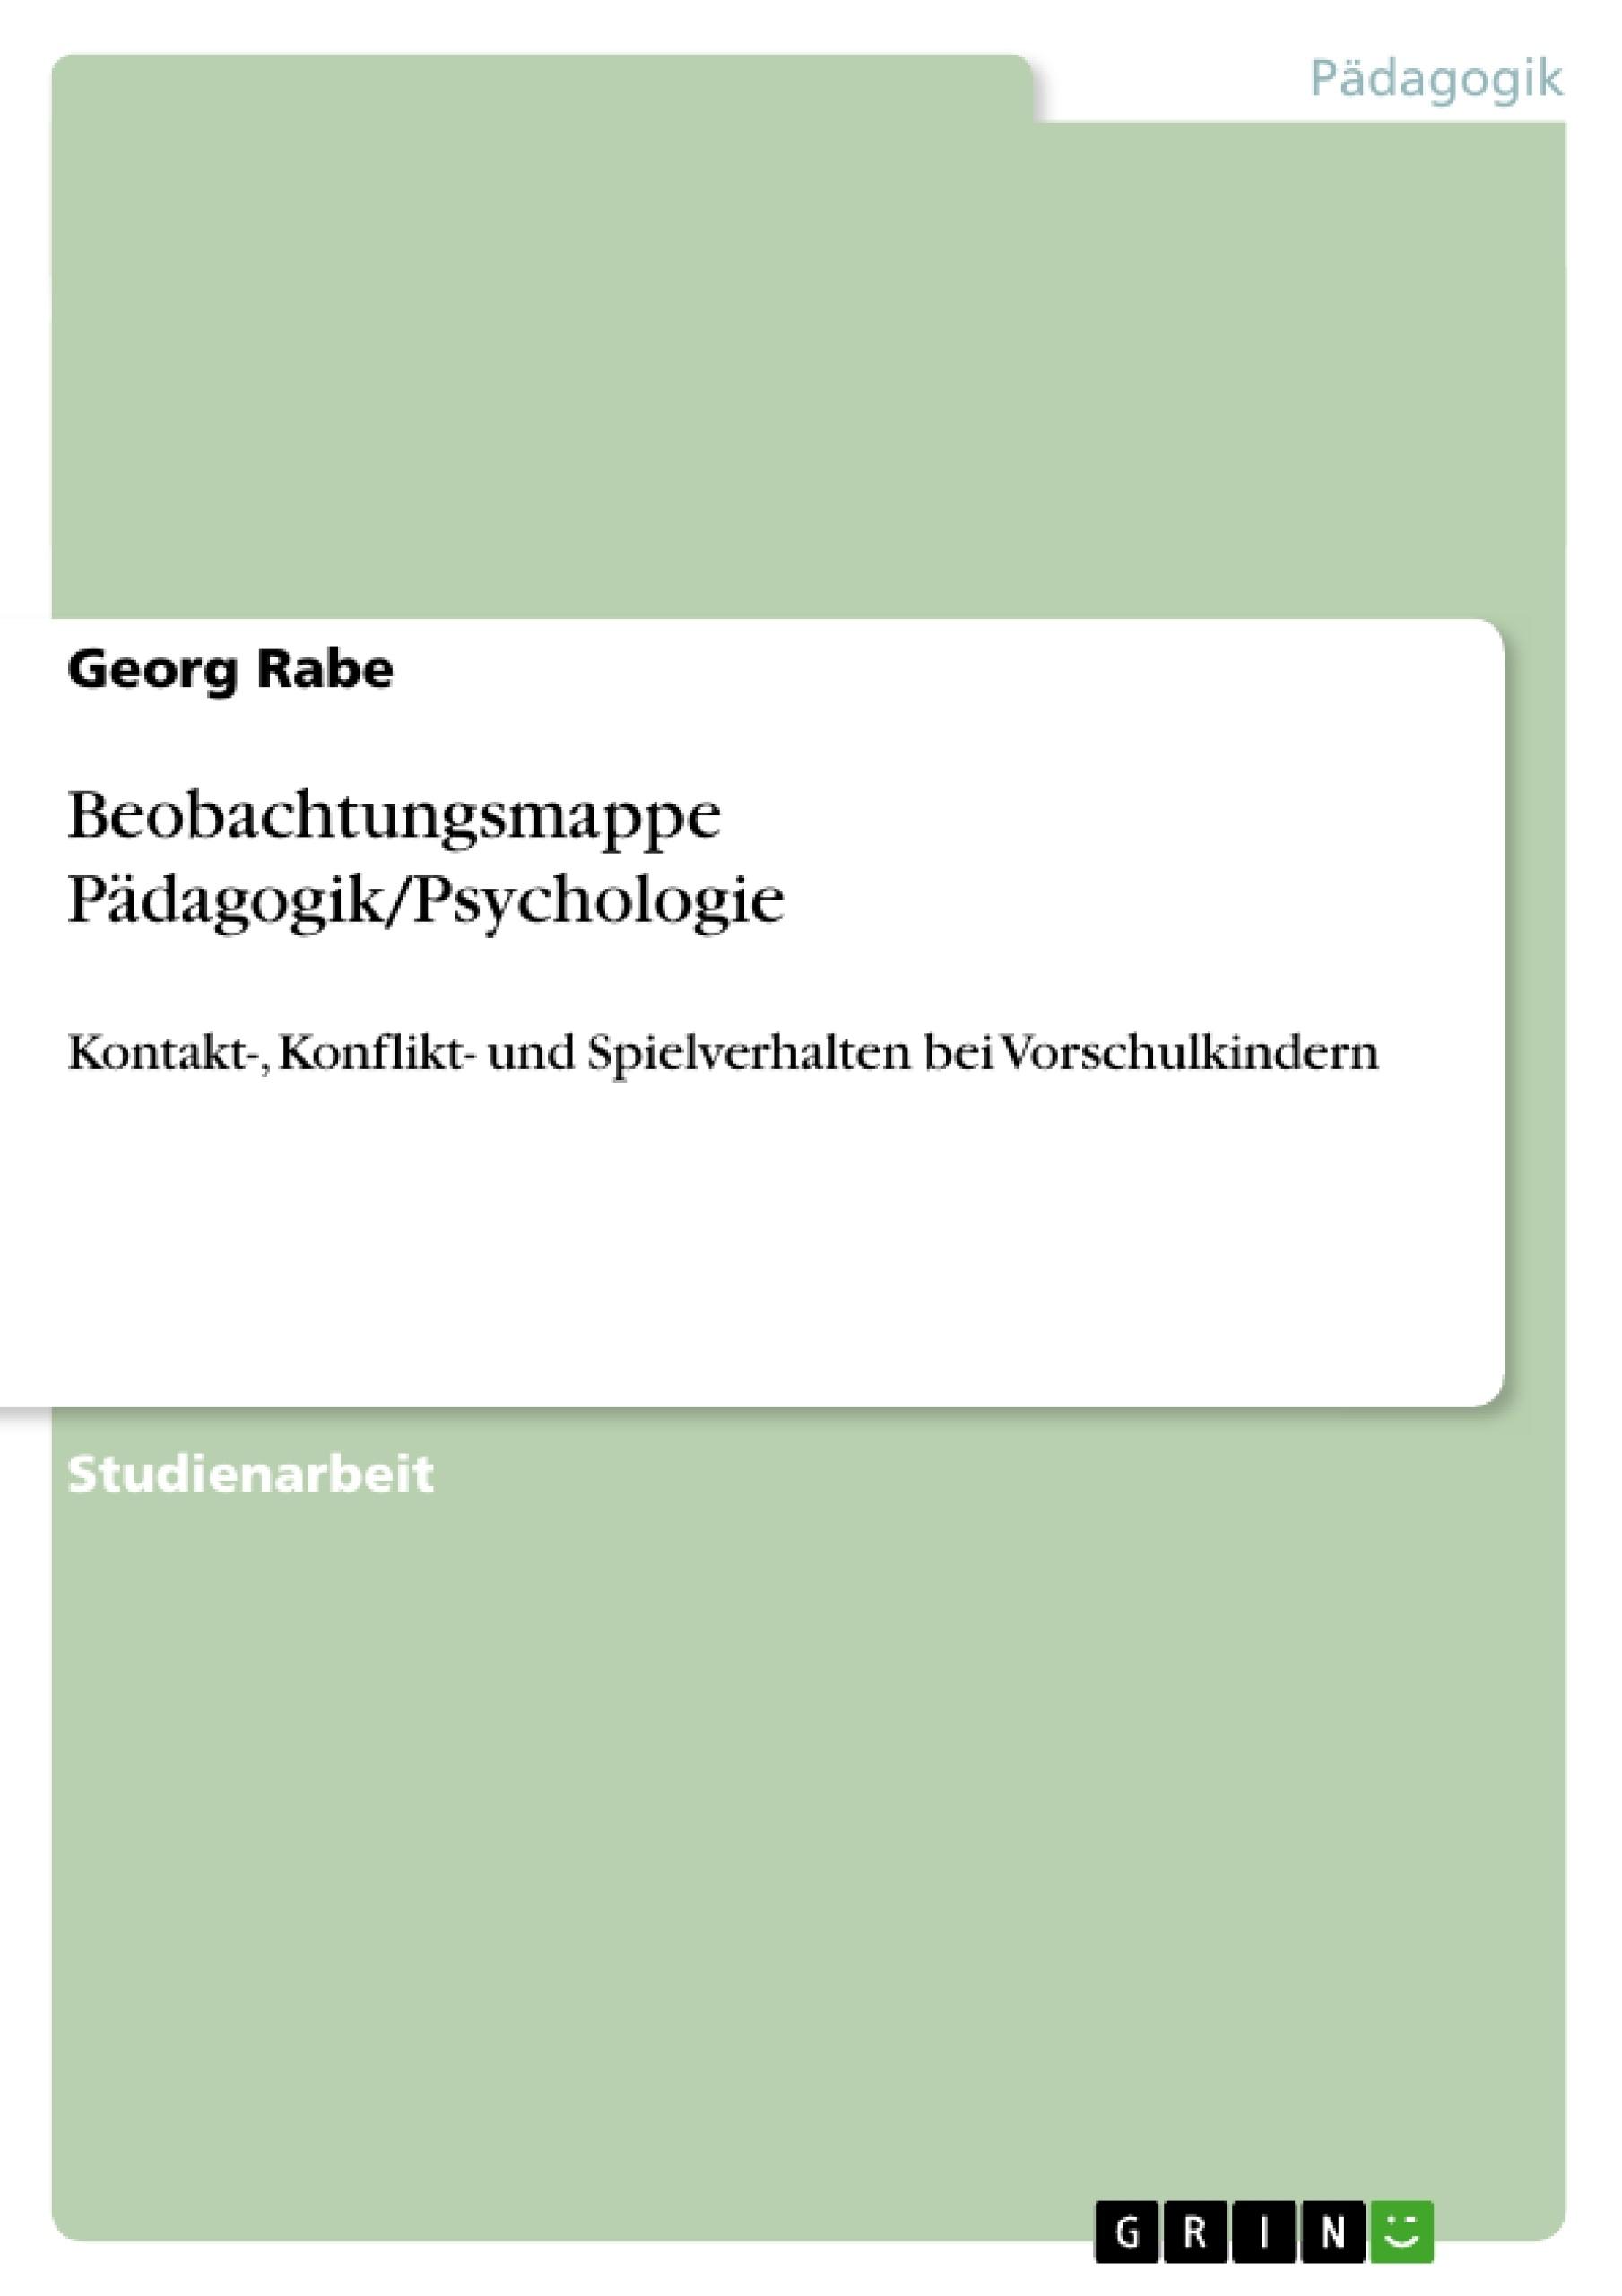 Titel: Beobachtungsmappe Pädagogik/Psychologie